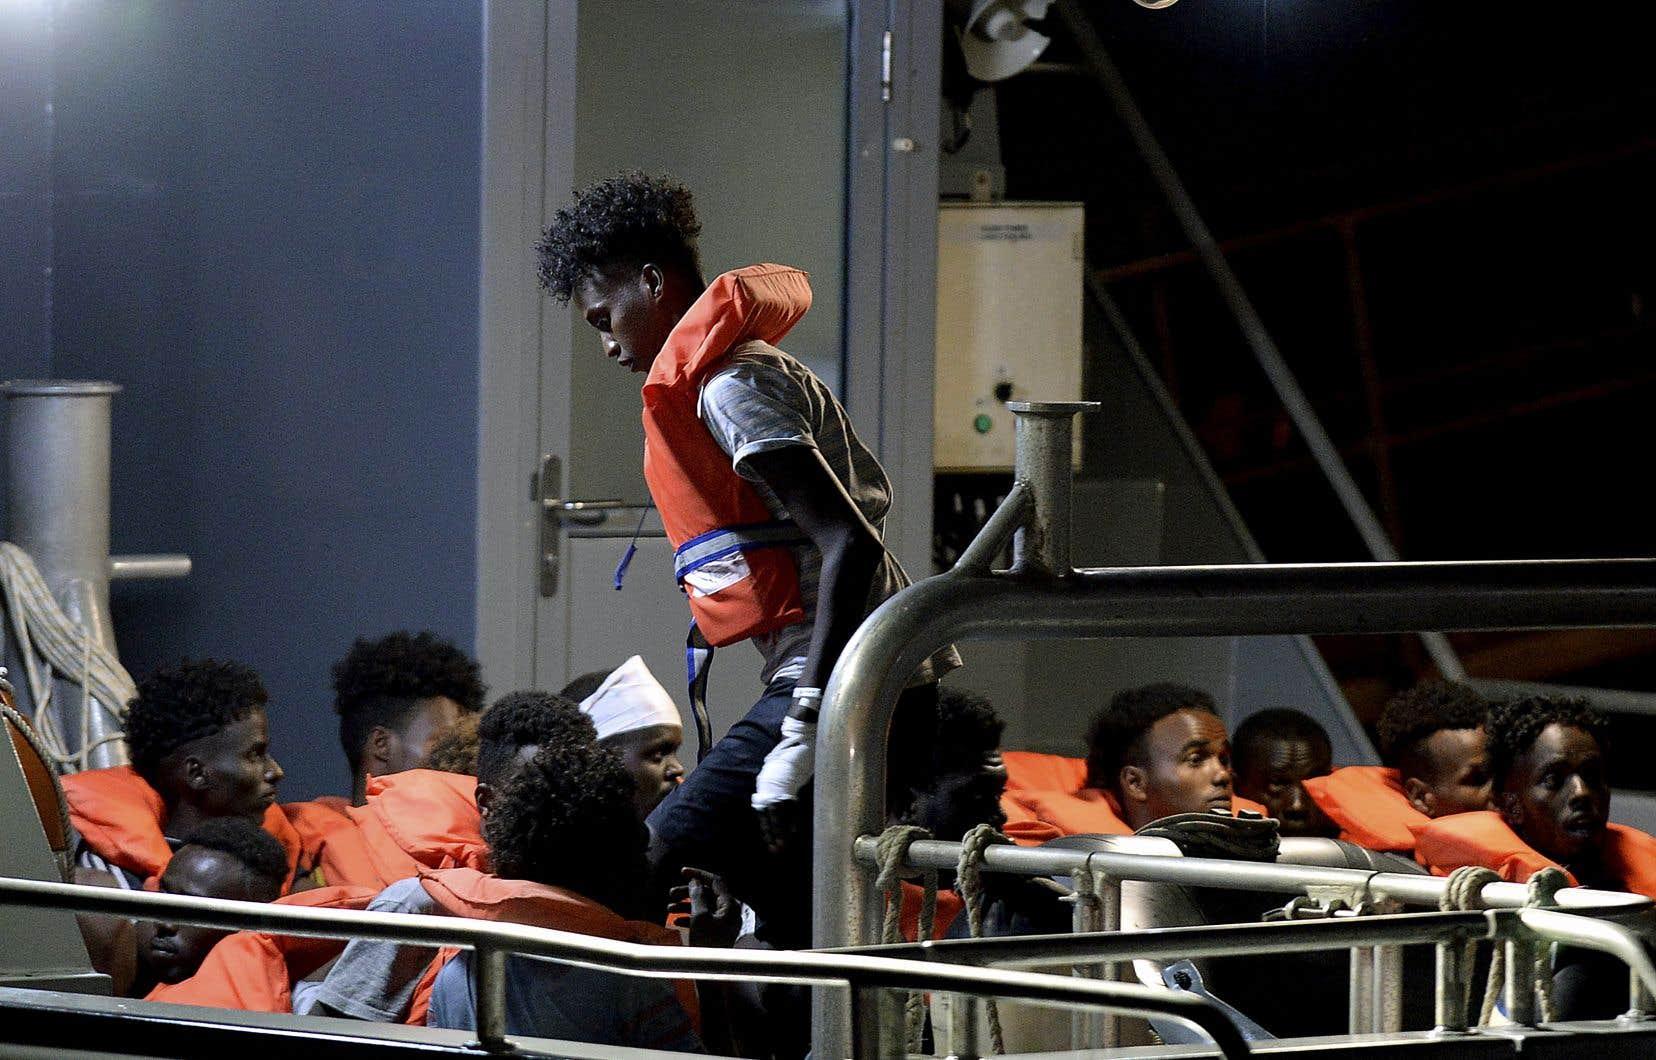 Soixante-cinq migrants se trouvaient à bord du navire Alan Kurdi, de l'ONG allemande Sea-Eye.